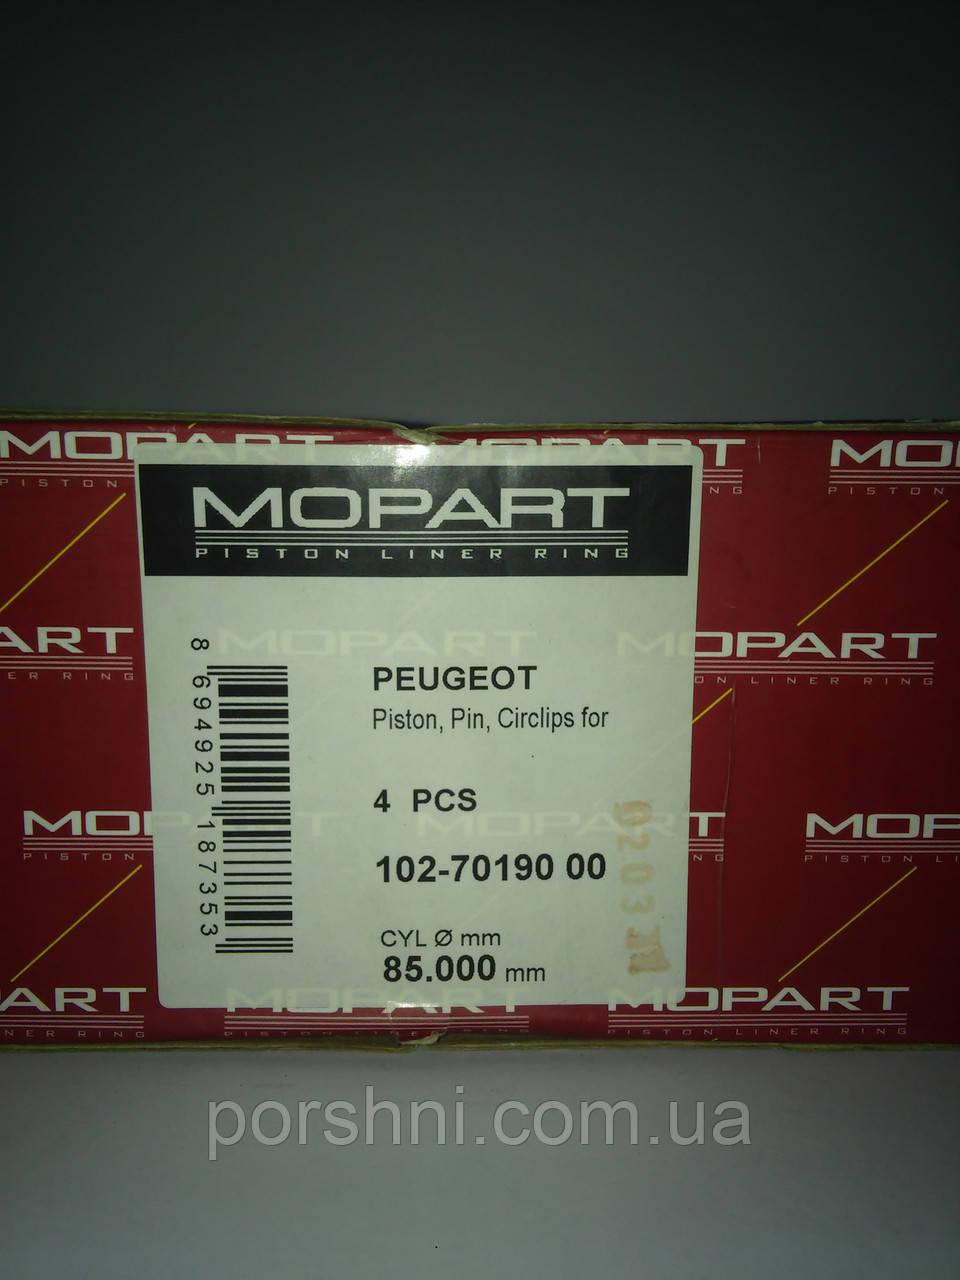 Поршни  Пежо  406  2.0 DW  c 2000 >        диам  85 Mopisan 7019000